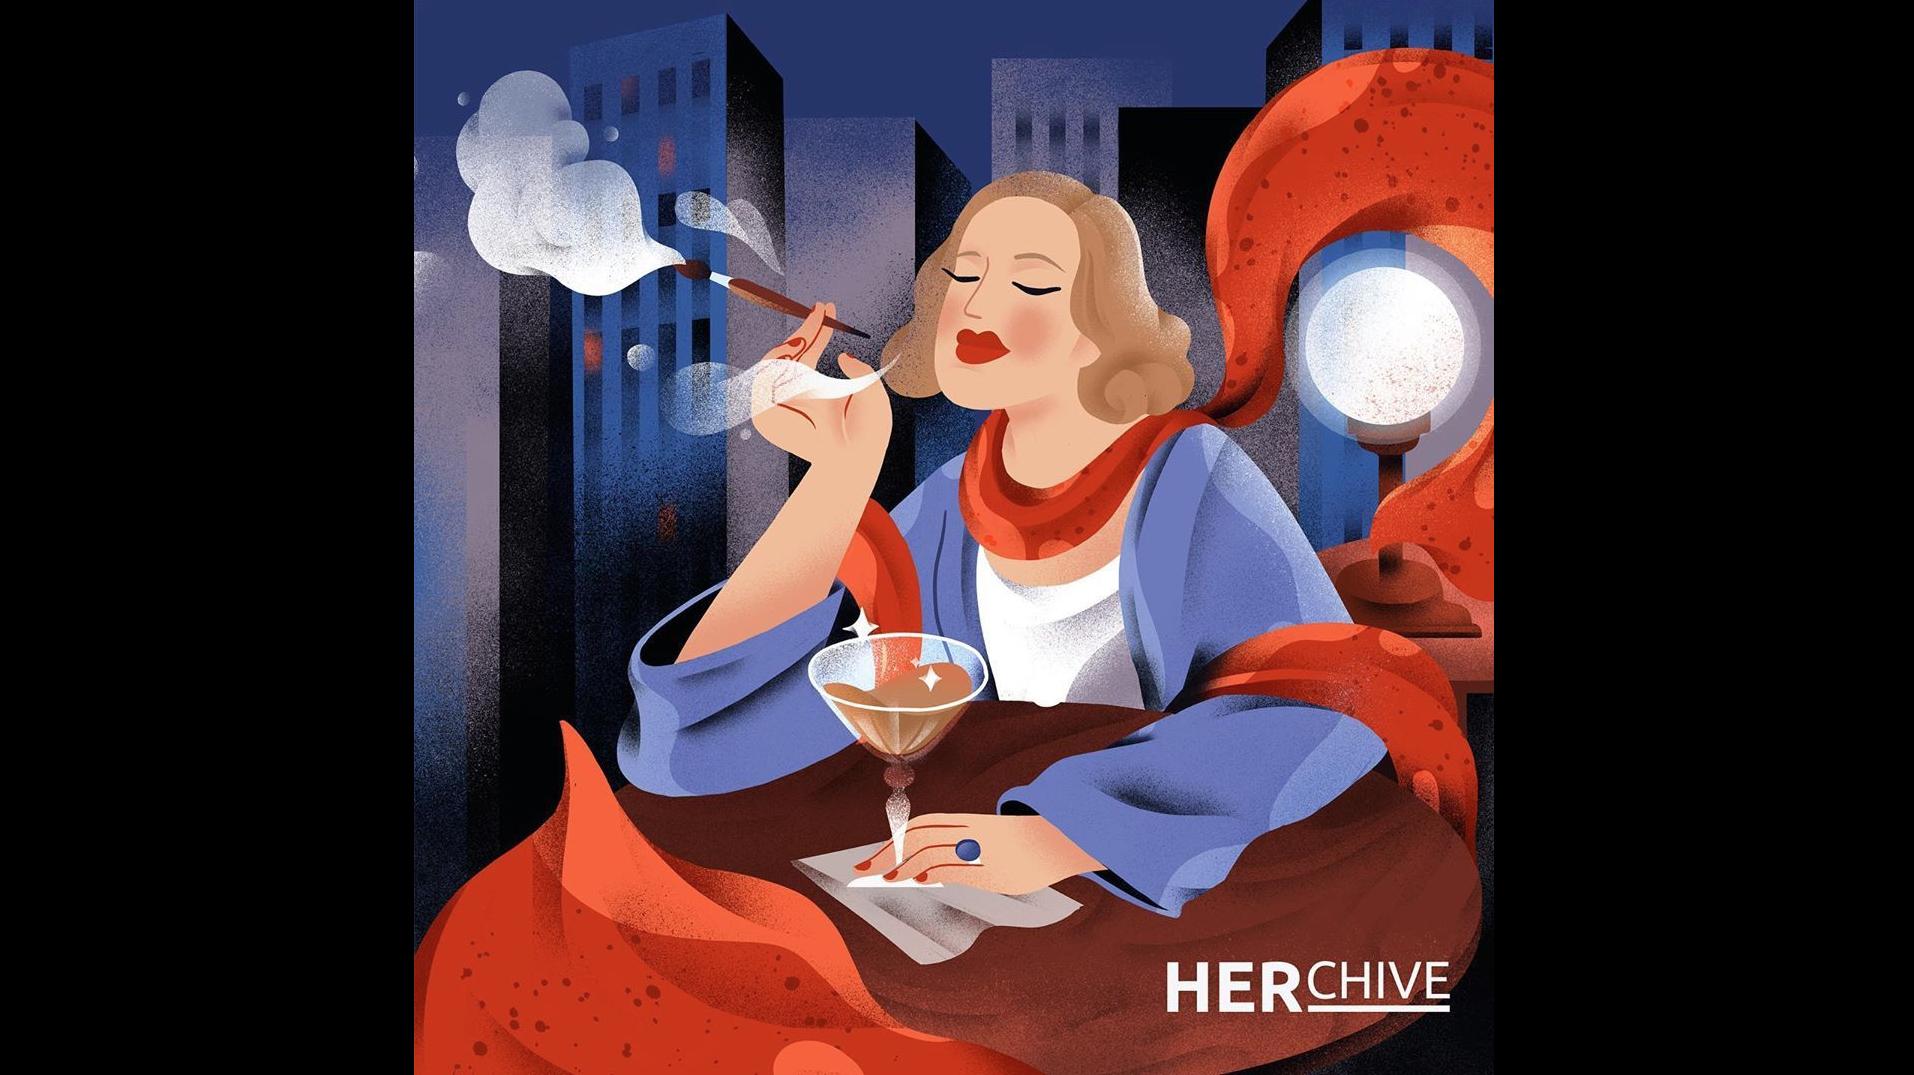 Herchive